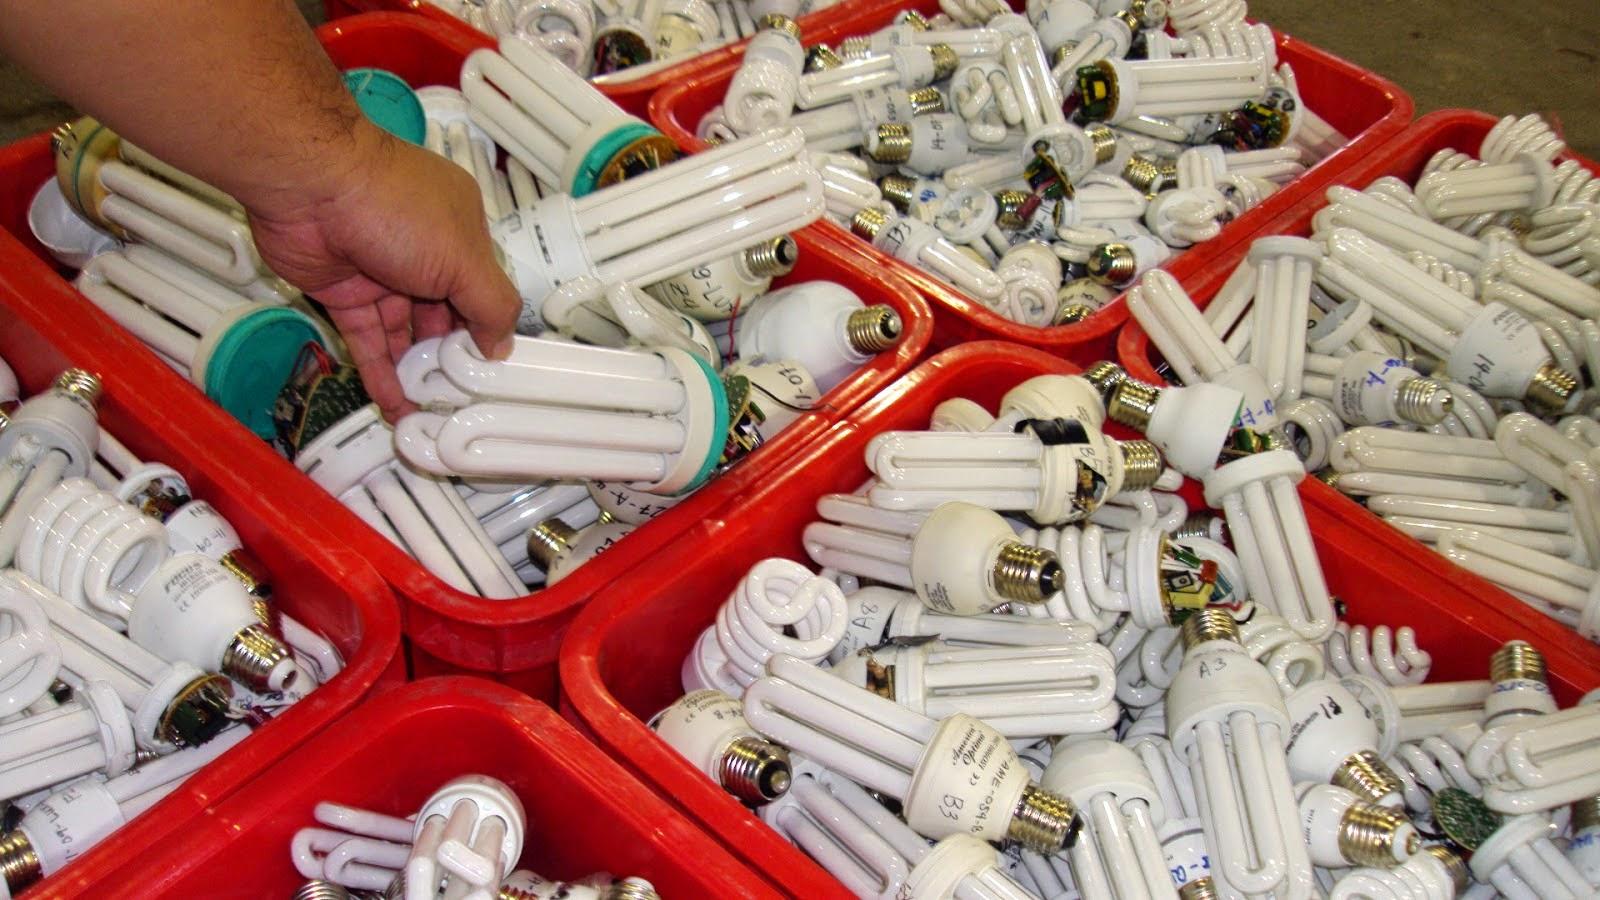 Как правильно утилизировать аккумуляторные батареи